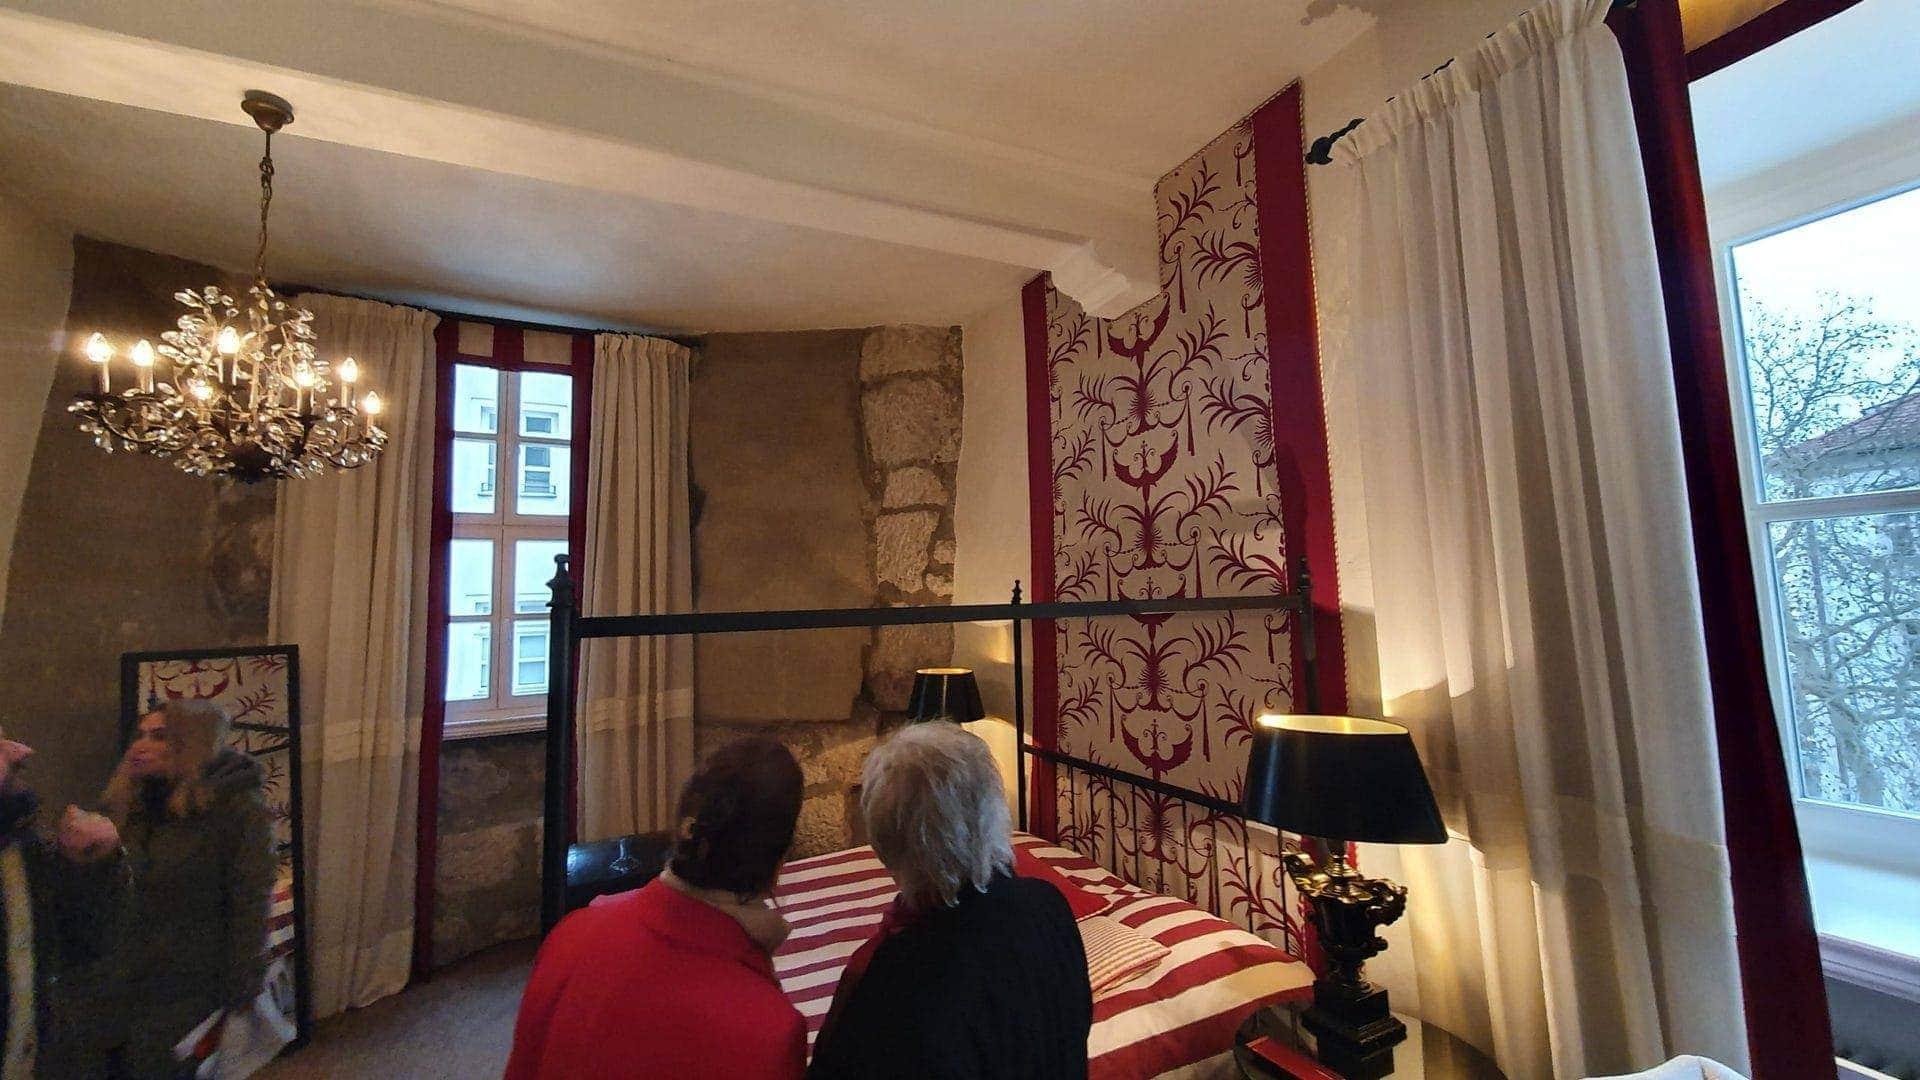 Zimmer mit Geschickte im Hotel Bischofshof